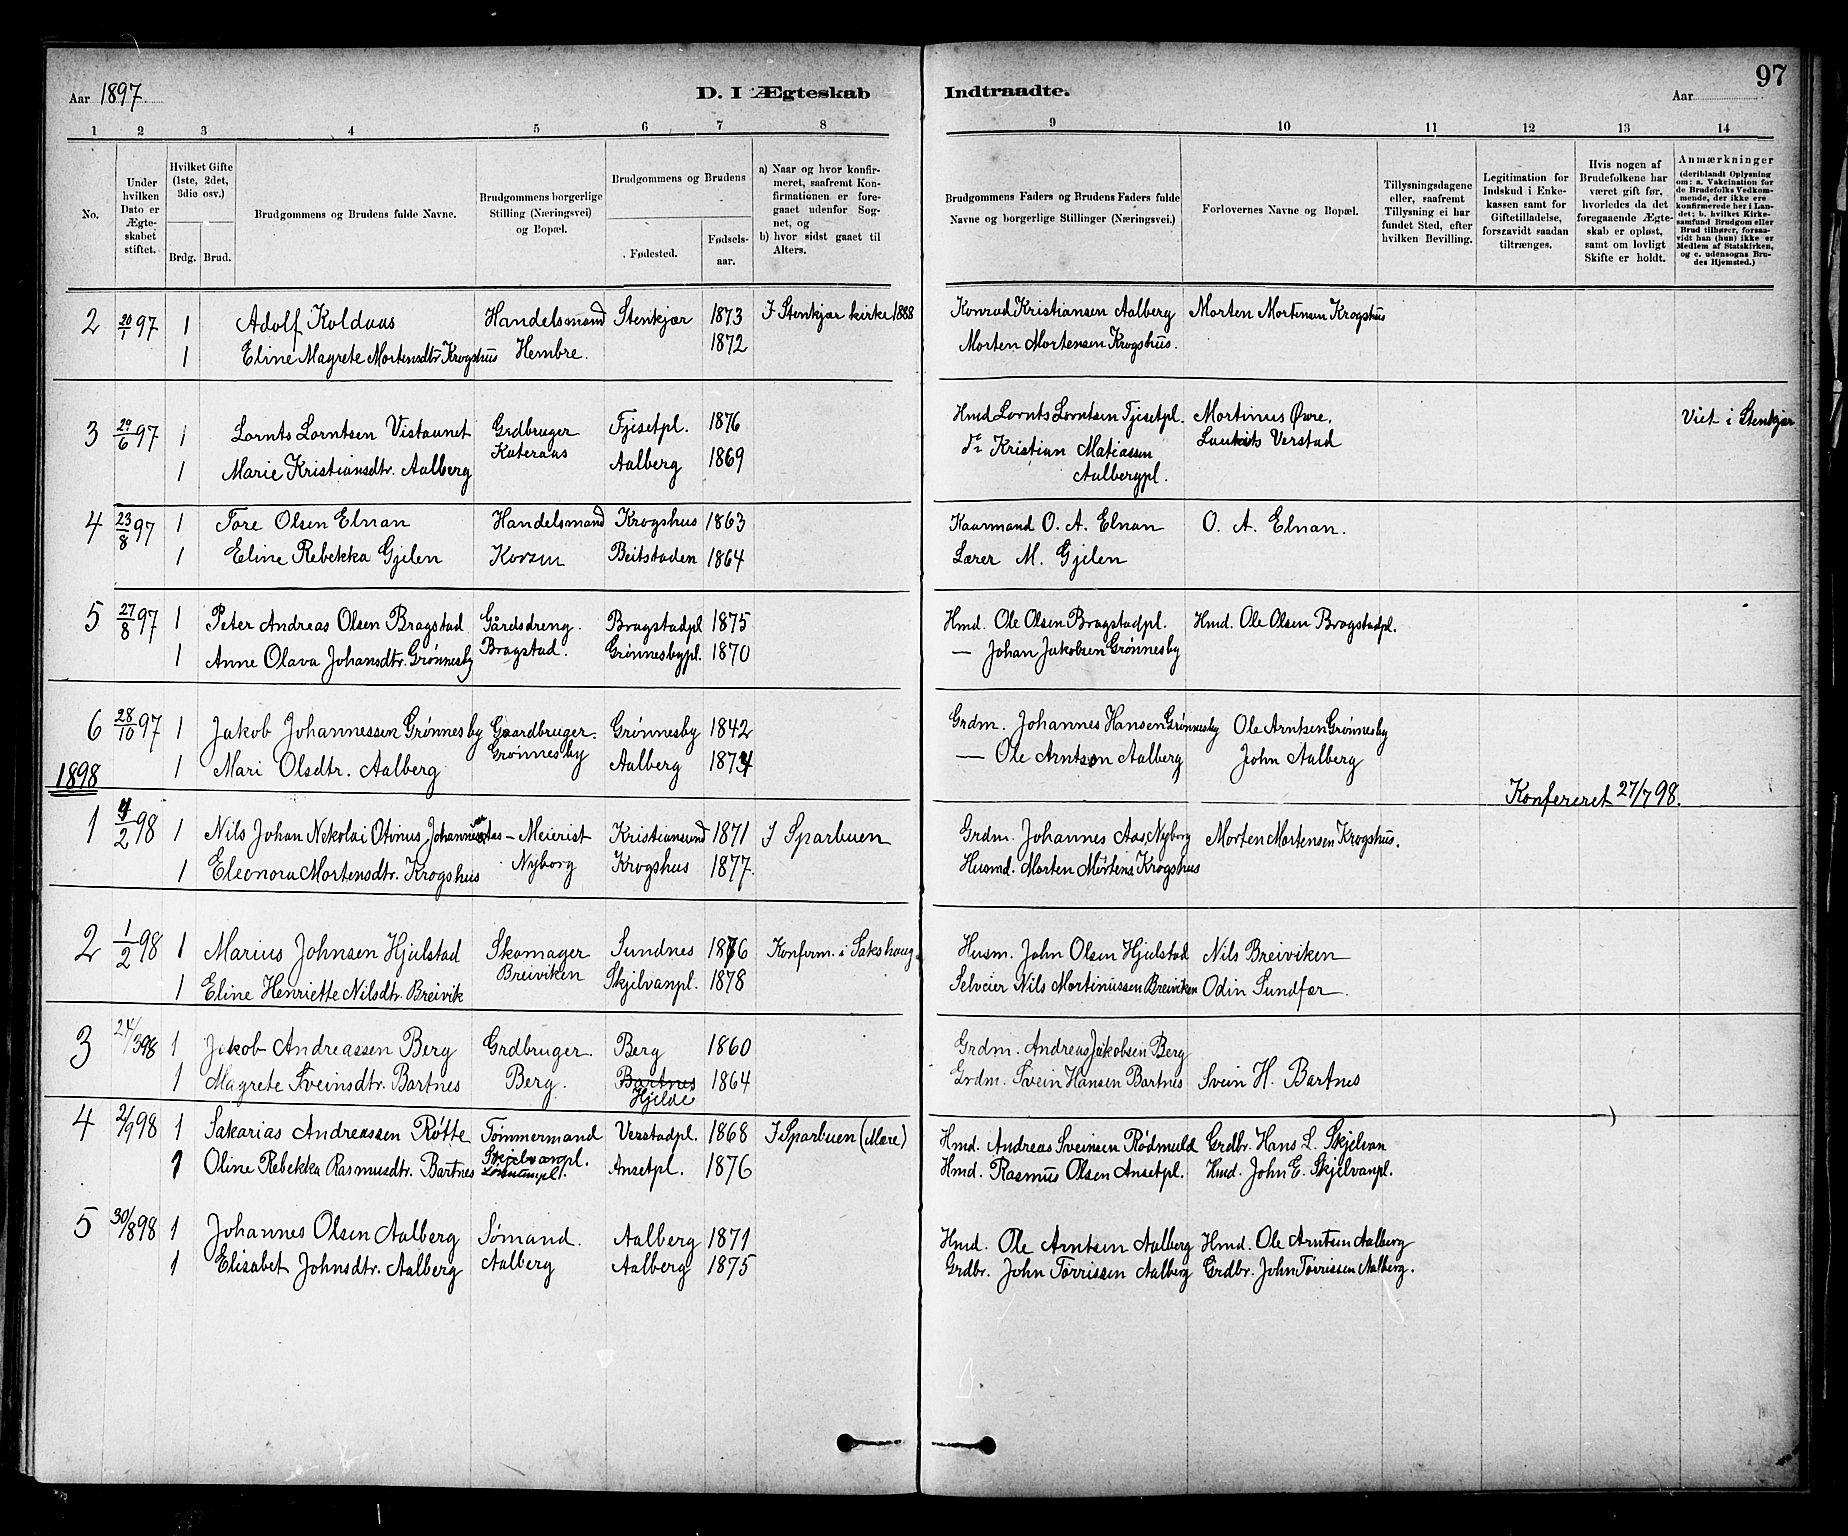 SAT, Ministerialprotokoller, klokkerbøker og fødselsregistre - Nord-Trøndelag, 732/L0318: Klokkerbok nr. 732C02, 1881-1911, s. 97